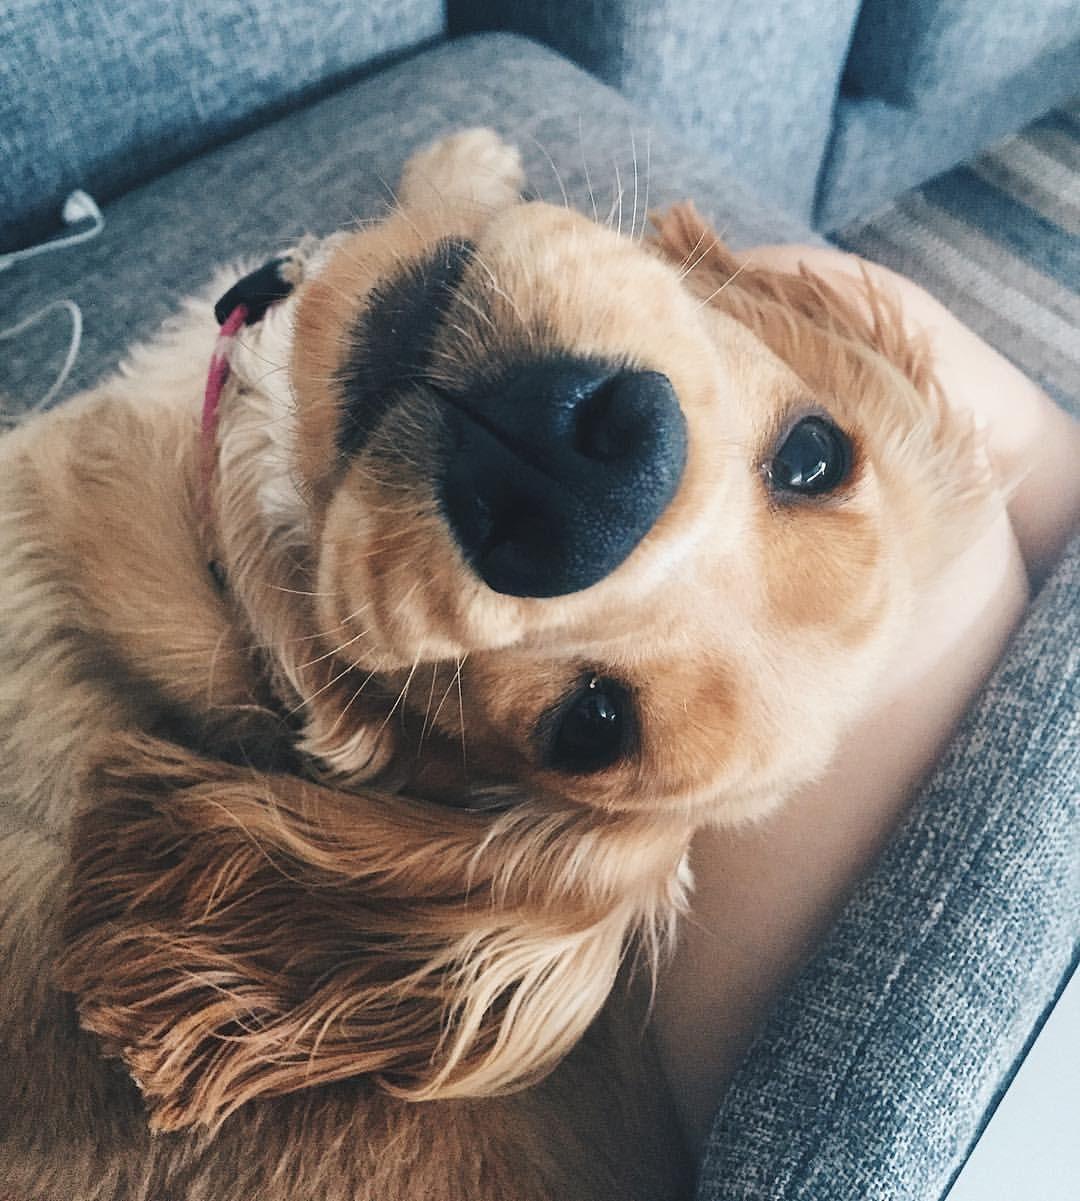 супер картинки с собачками воздержусь разговора ней